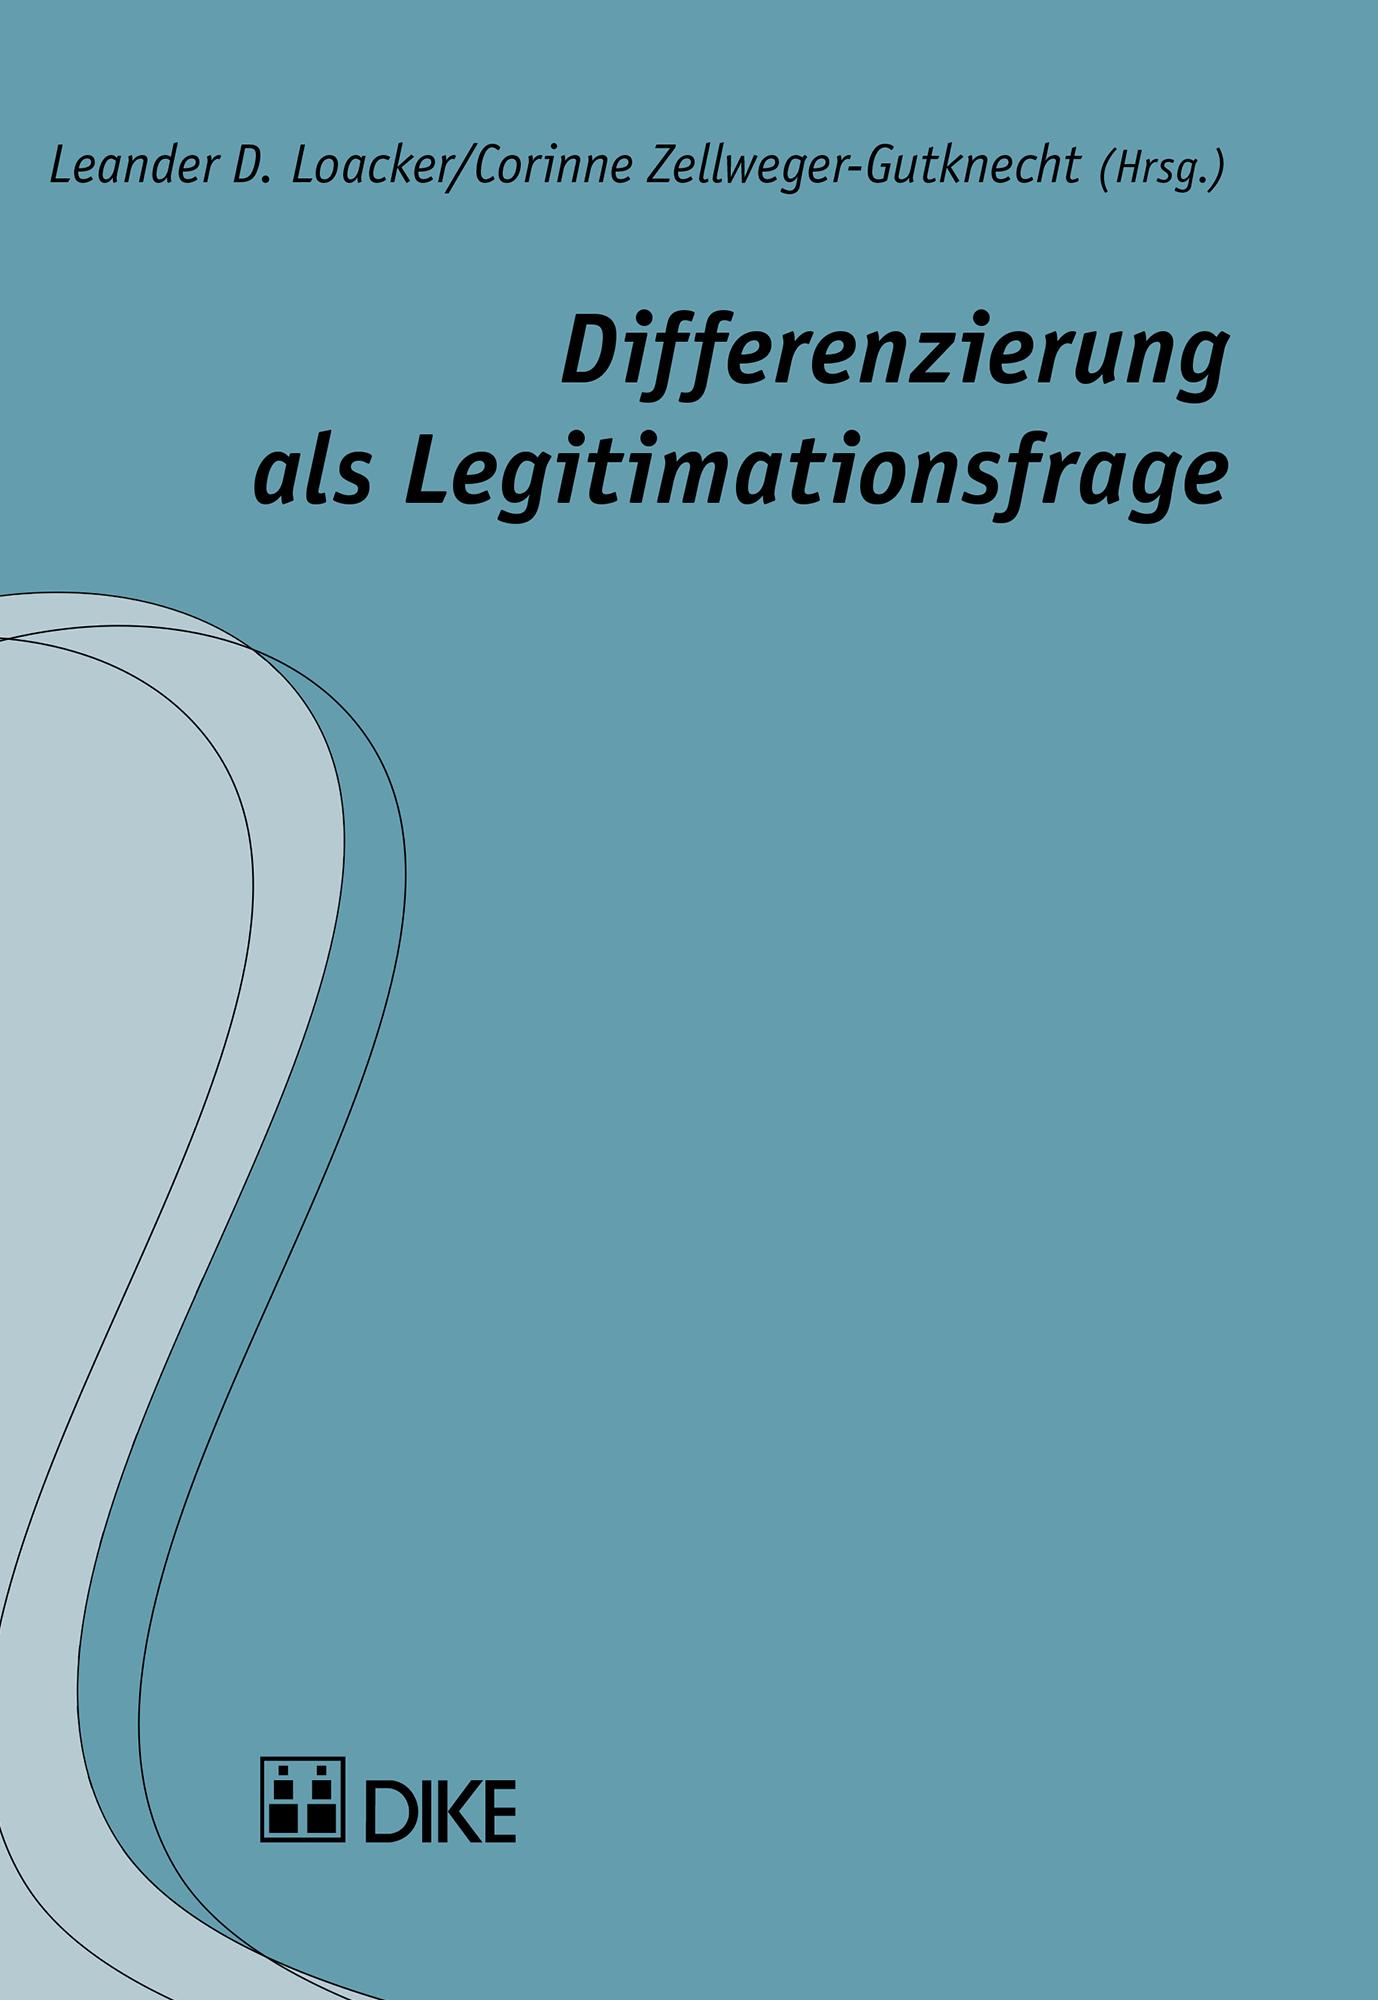 Differenzierung  als Legitimationsfrage